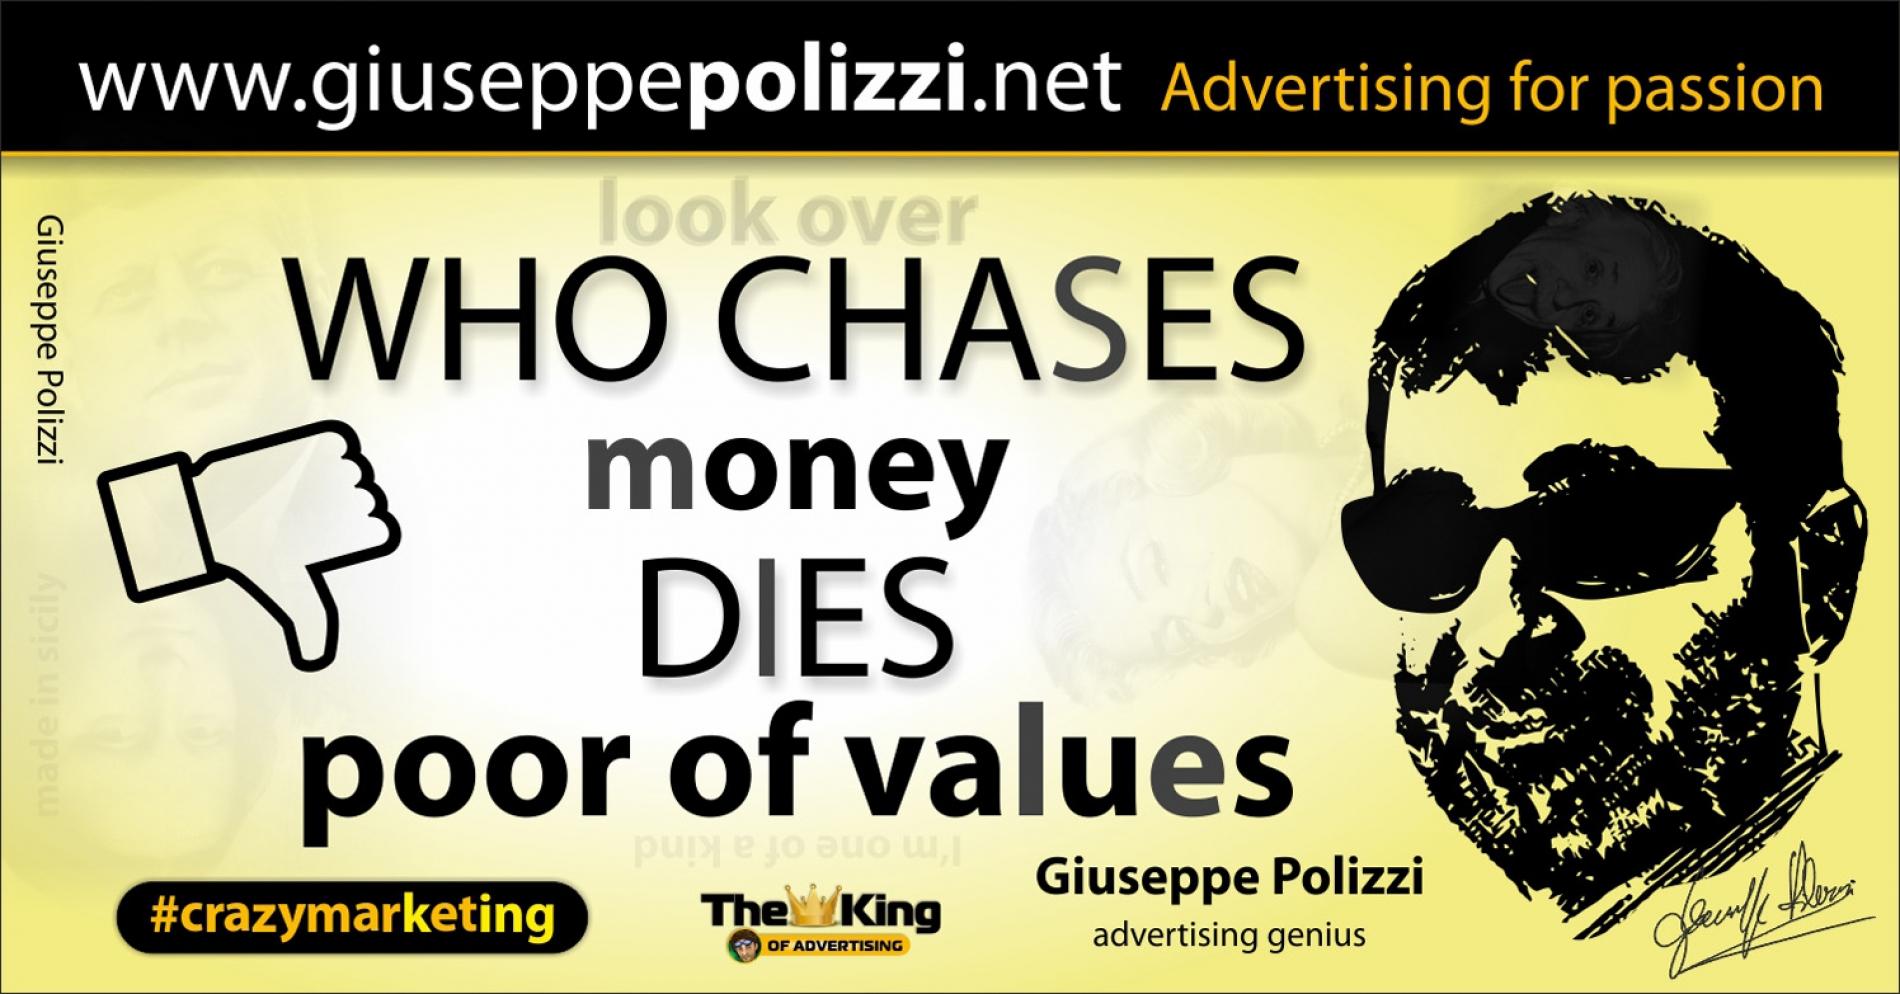 giuseppe polizzi aforismi danaro money 2016 crazy marketing inglese